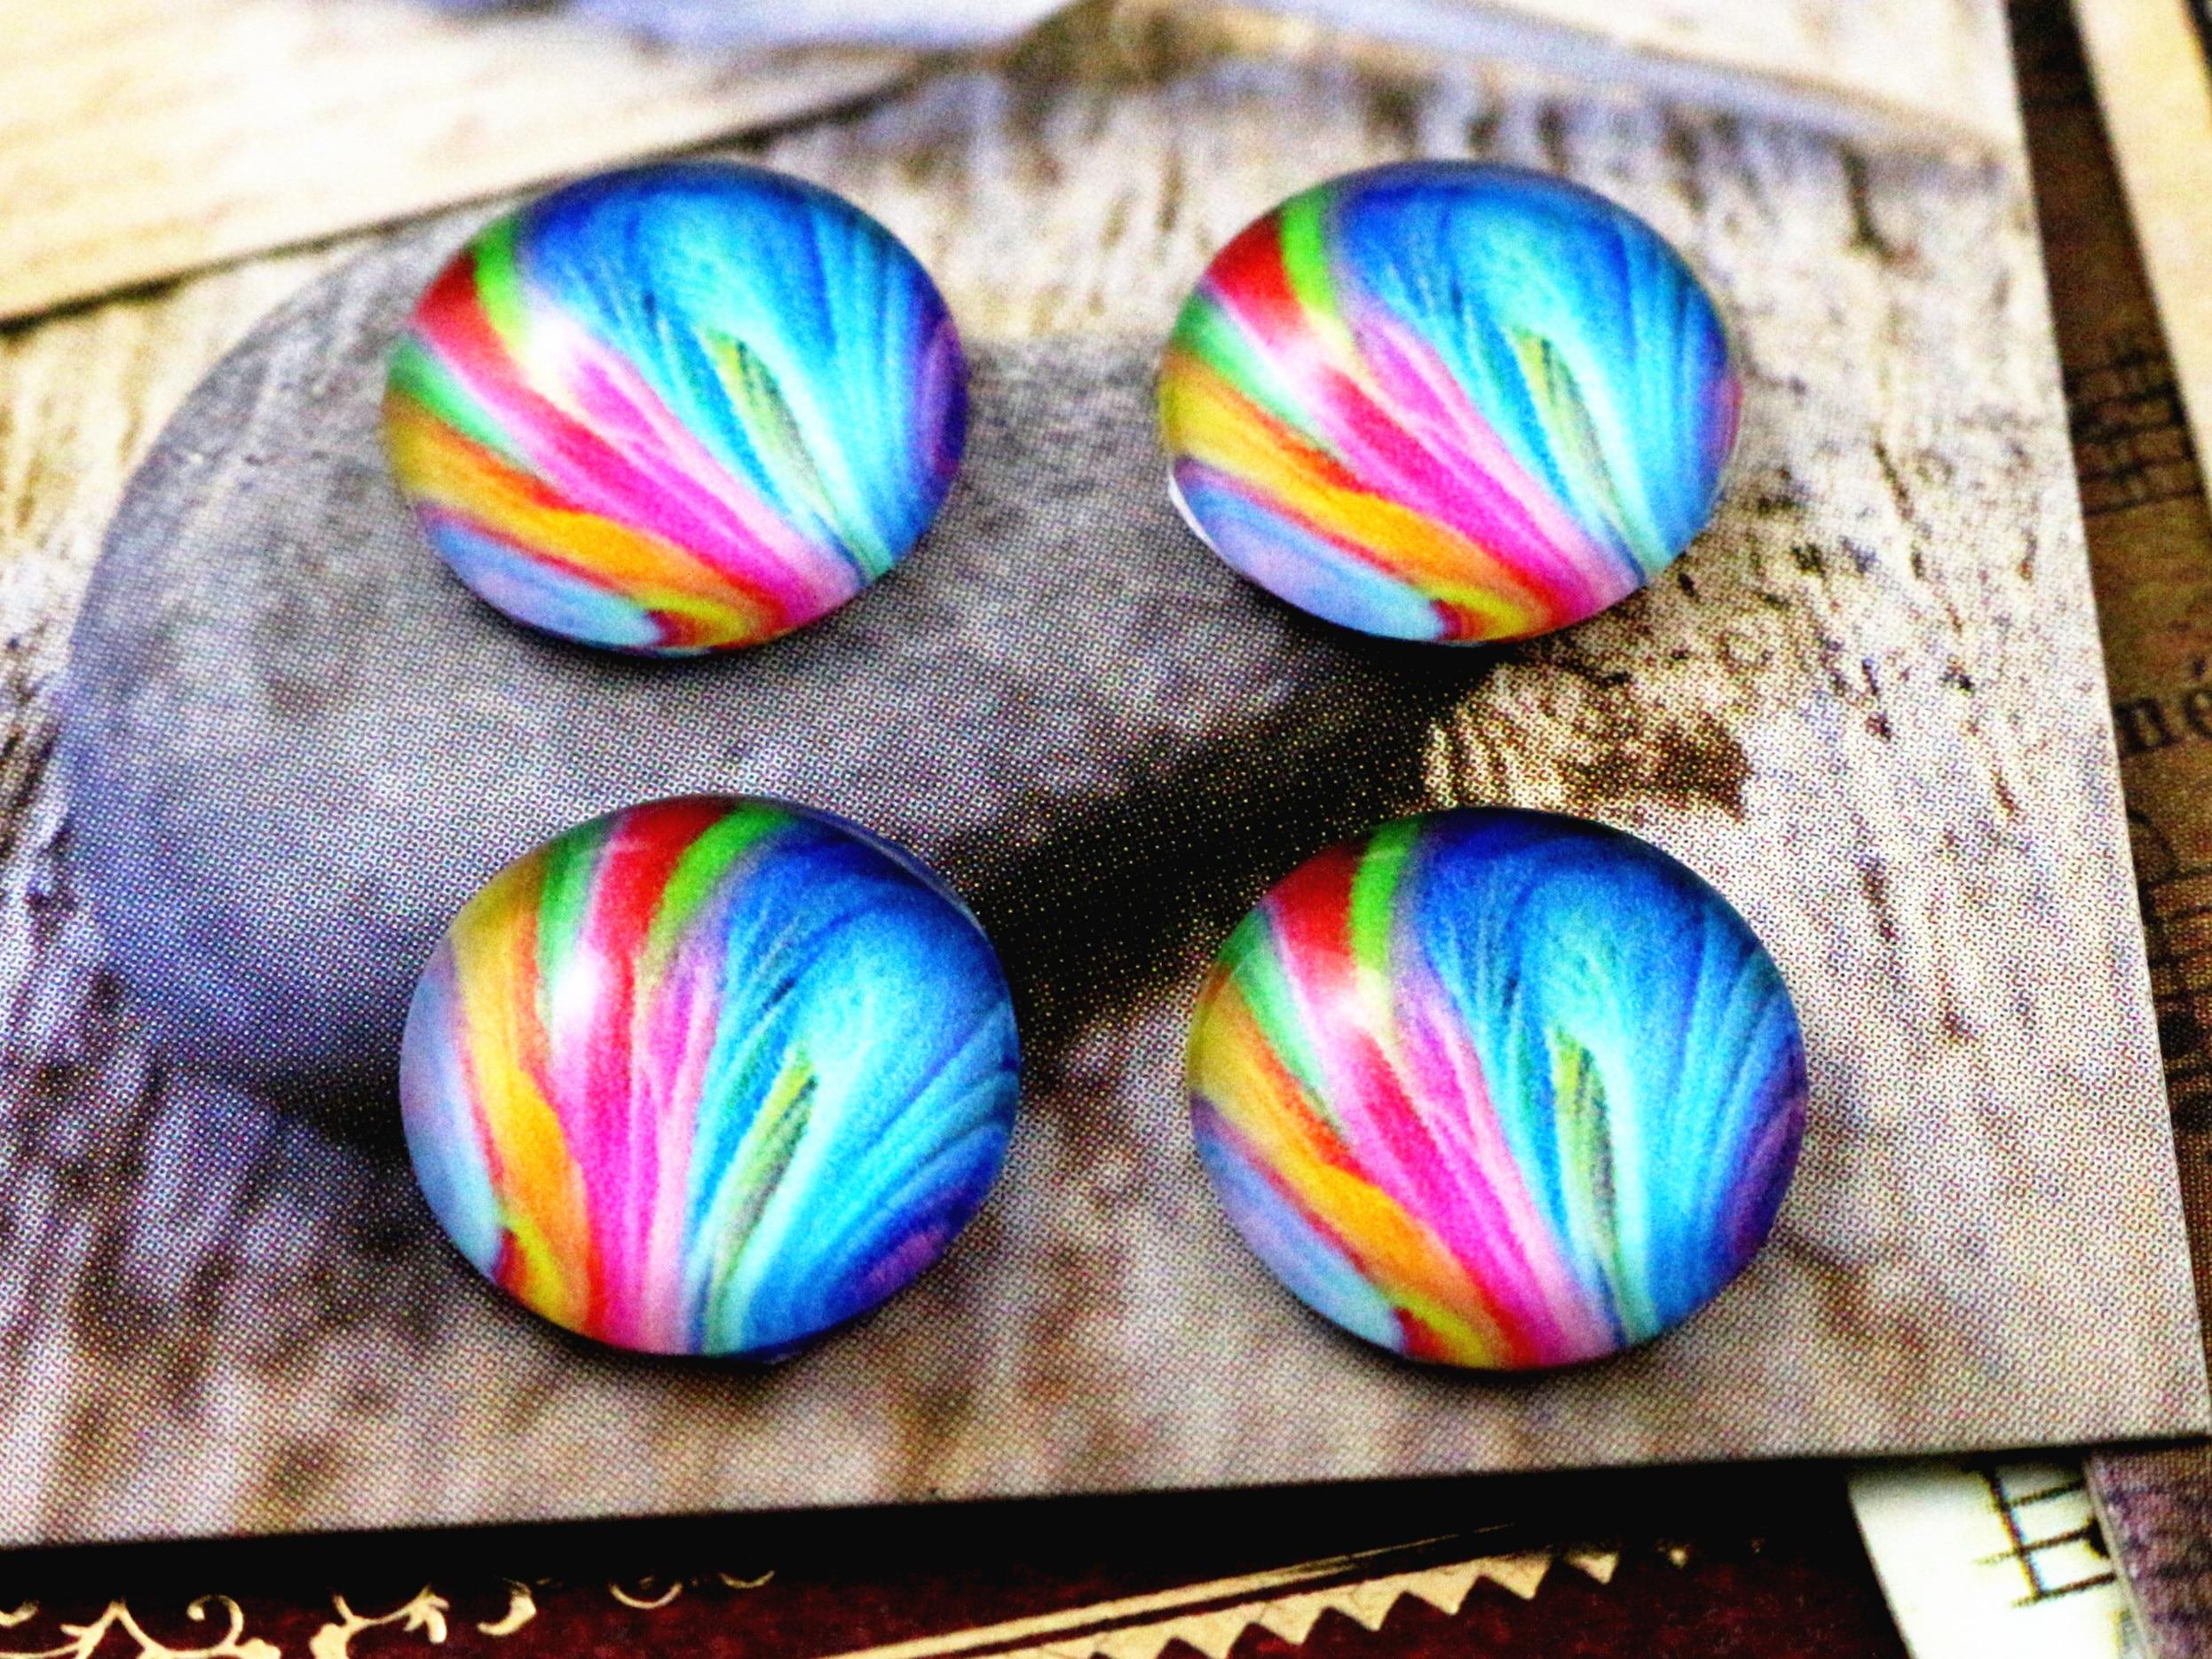 20pcs 12mm Handmade Photo Glass Cabochons   (C6-08)20pcs 12mm Handmade Photo Glass Cabochons   (C6-08)